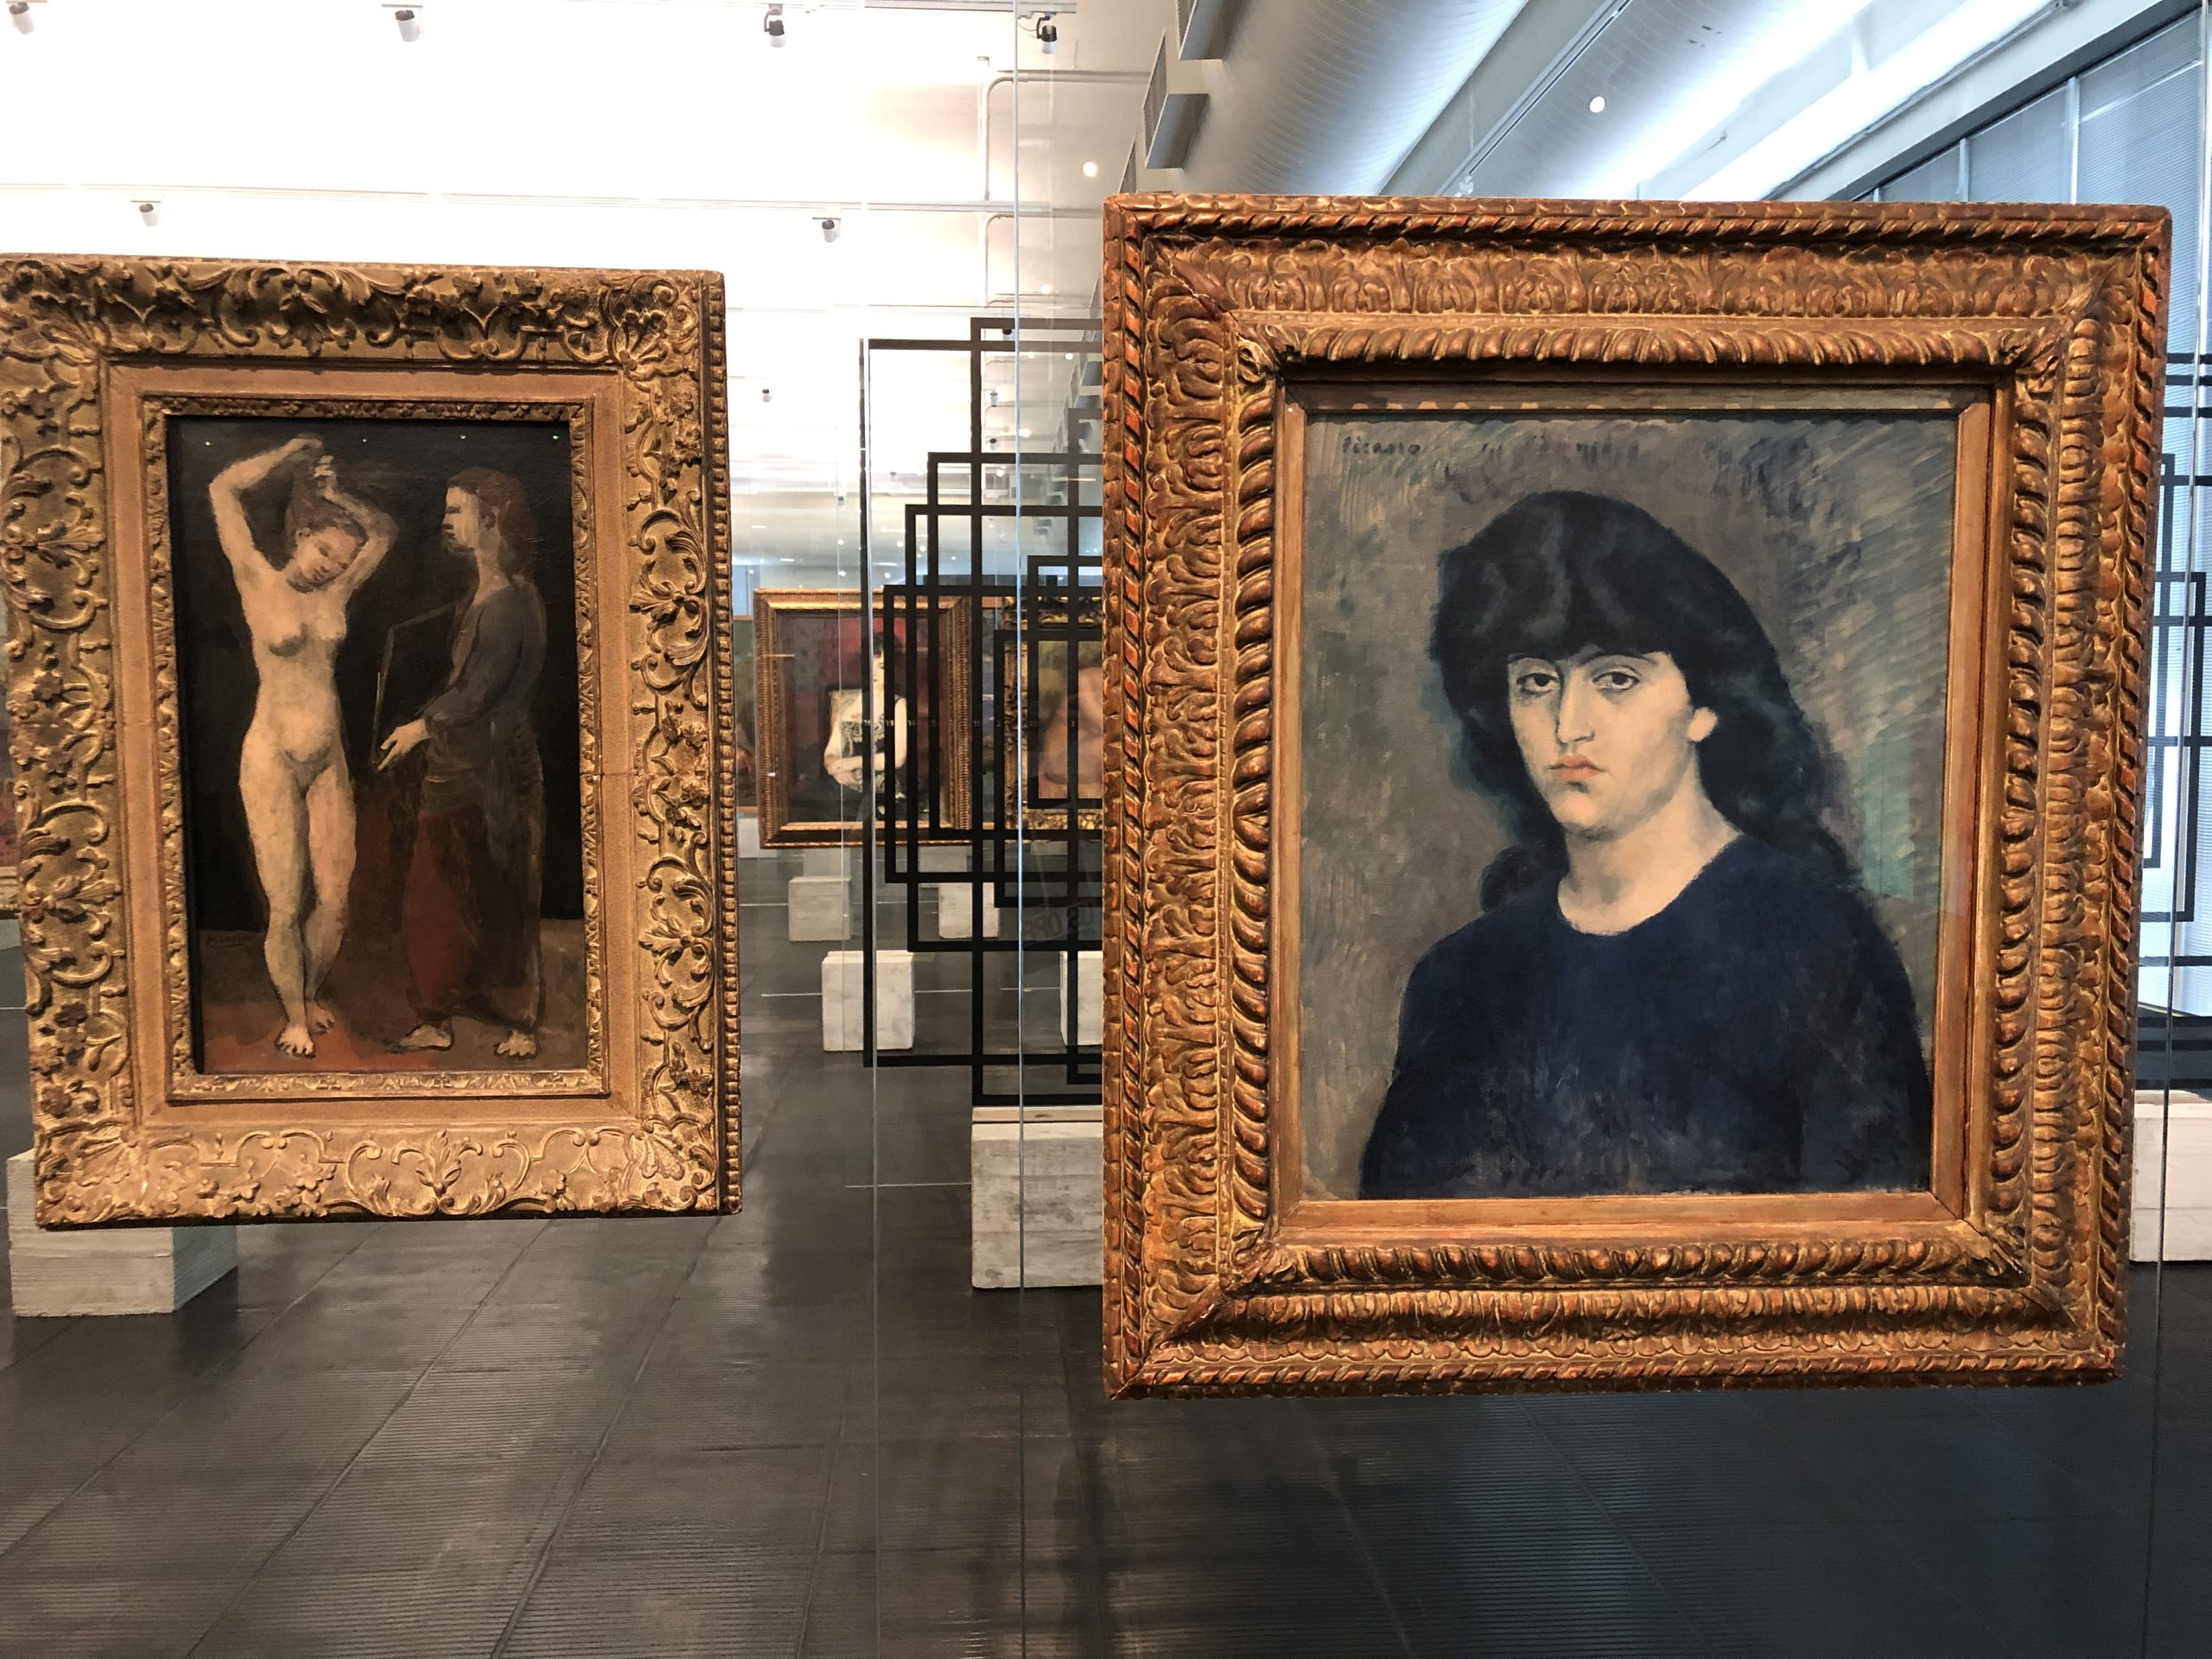 サンパウロ美術館の展示作品と入場料【ピカソやモネなど有名画家多数】